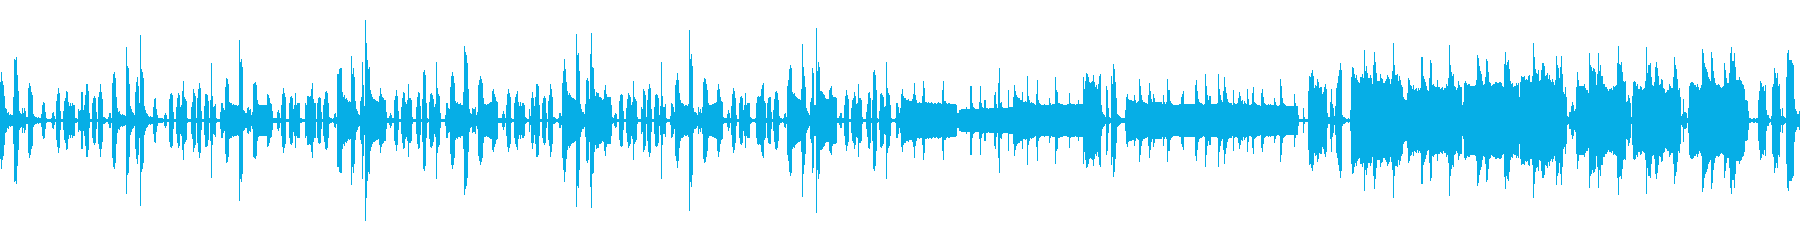 リコーダーメインのほのぼの系です ループの再生済みの波形